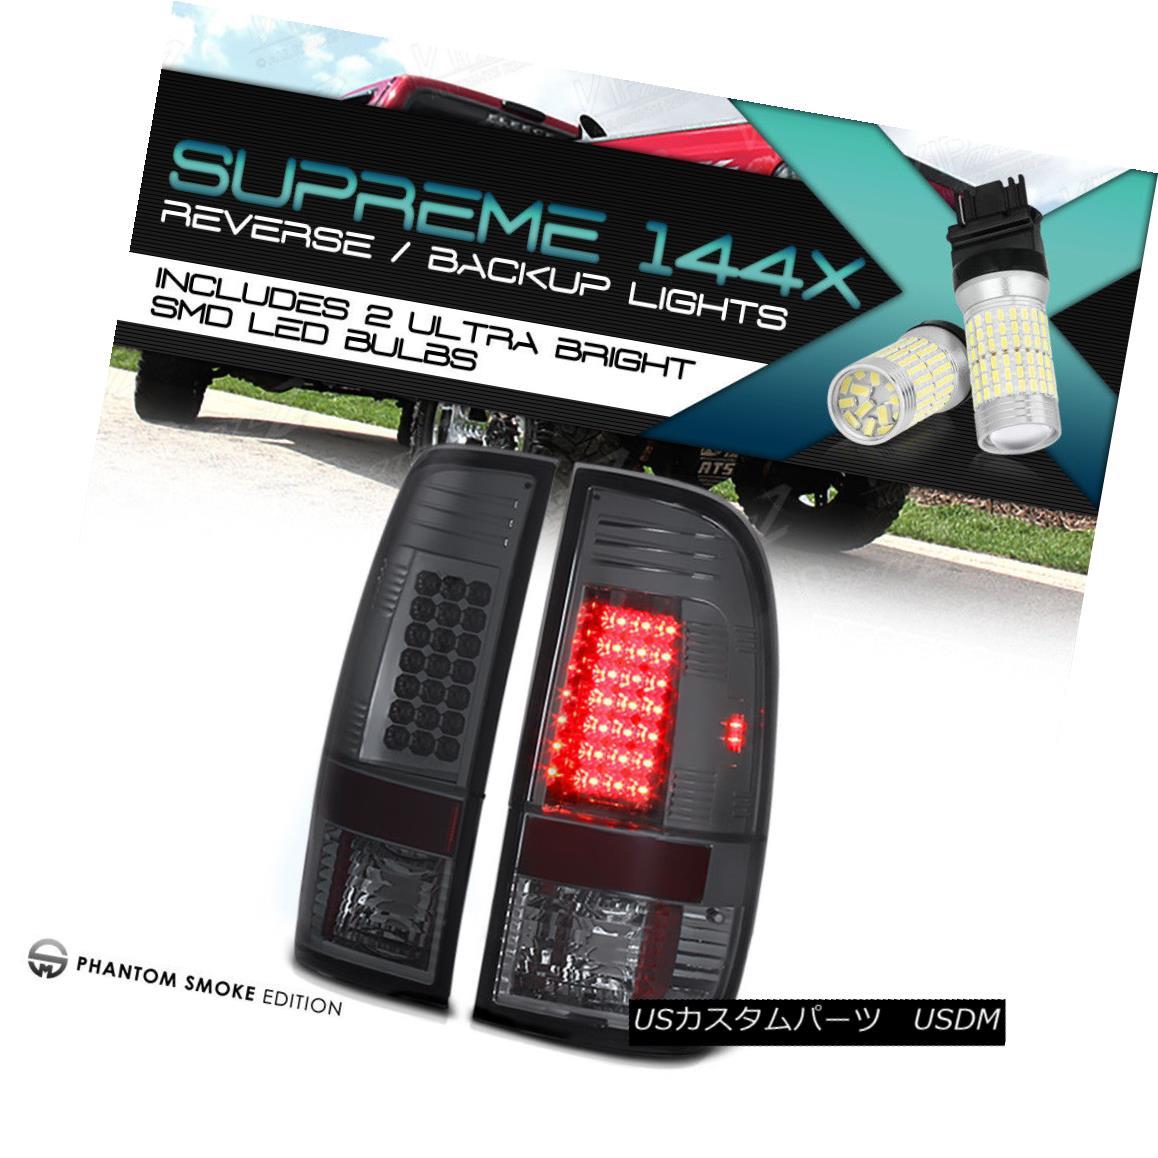 テールライト 360 DEGREE SMD BACKUP 97-03 F150 | 99-06 F250 F350 Smoked LED Tail Lights PAIR 360度SMDバックアップ97-03 F150 | 99-06 F250 F350スモークLEDテールライトペア